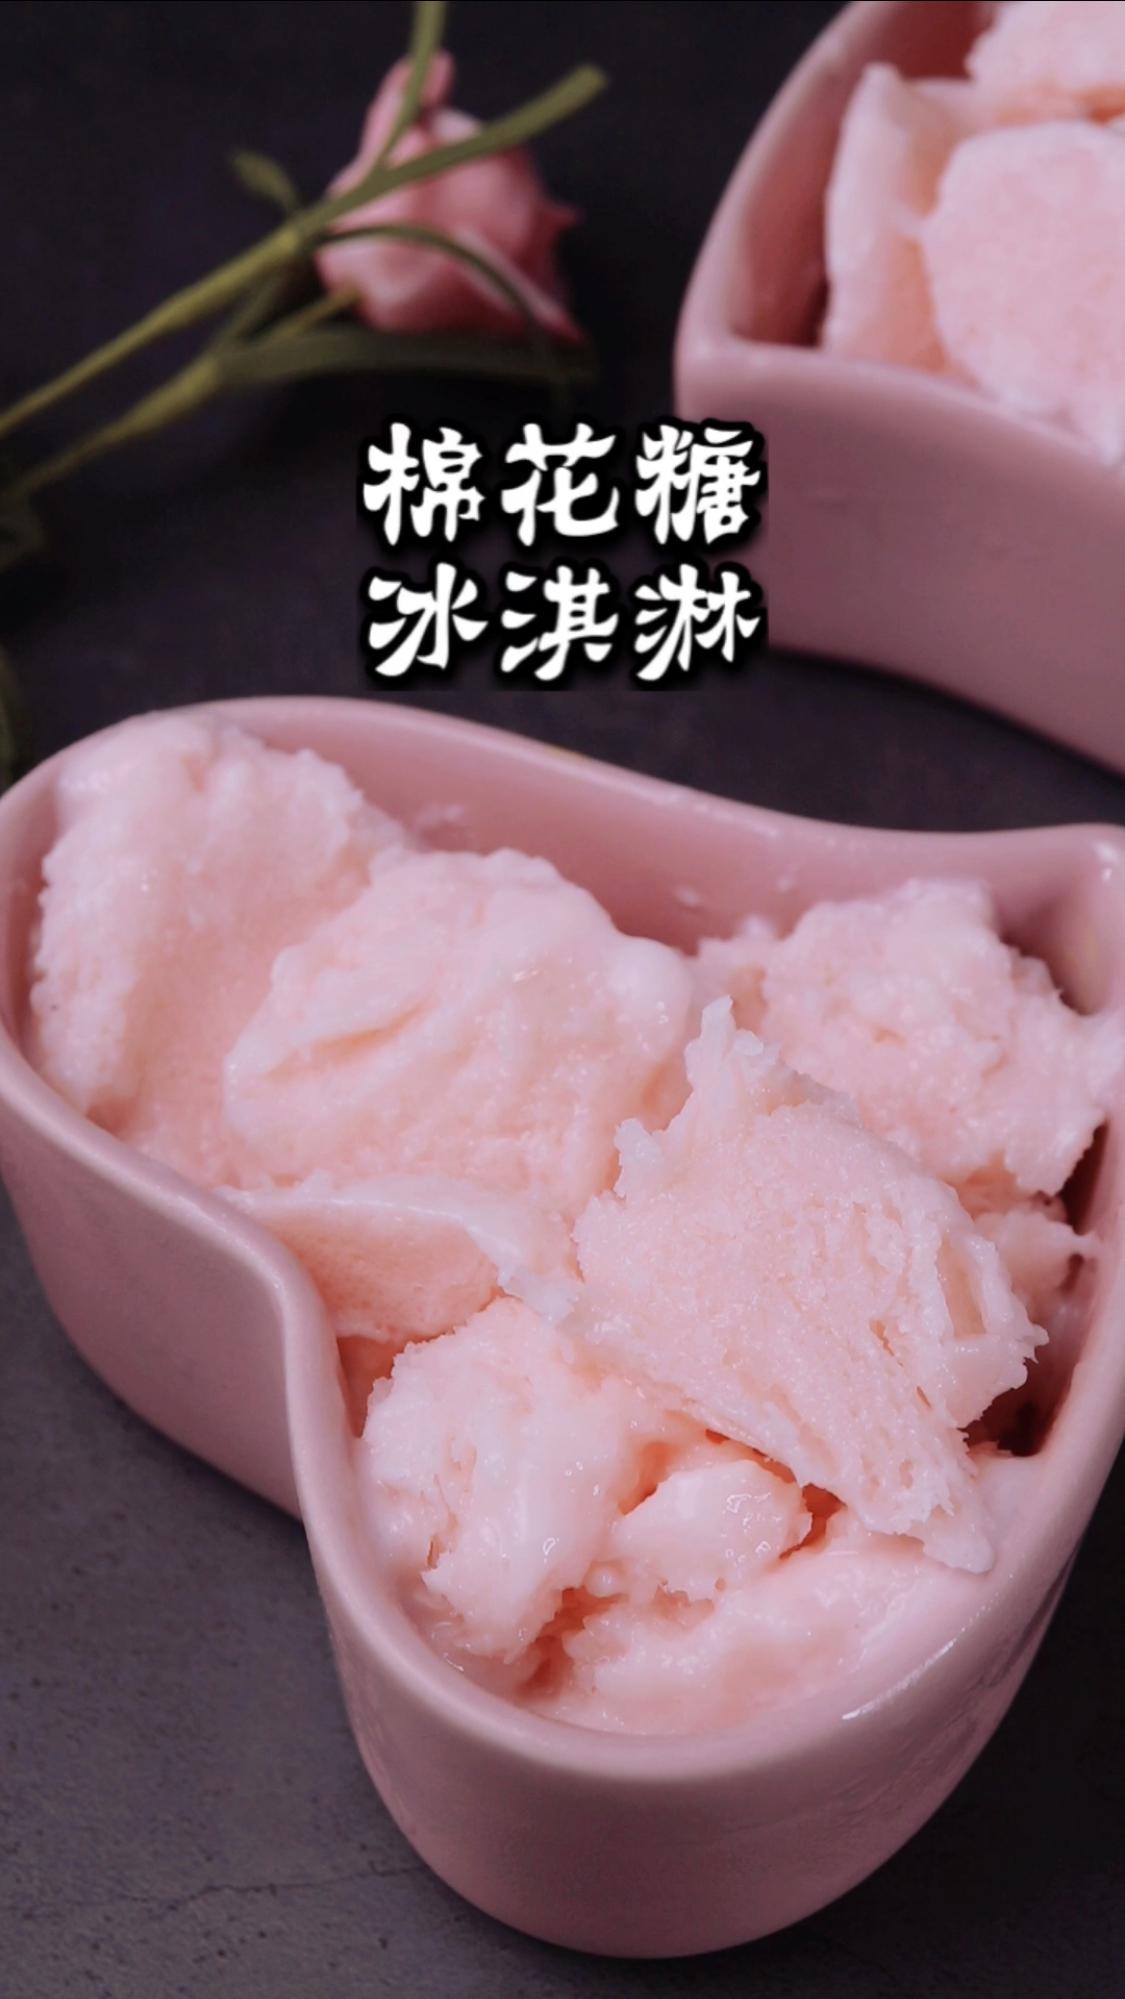 棉花糖做的冰淇